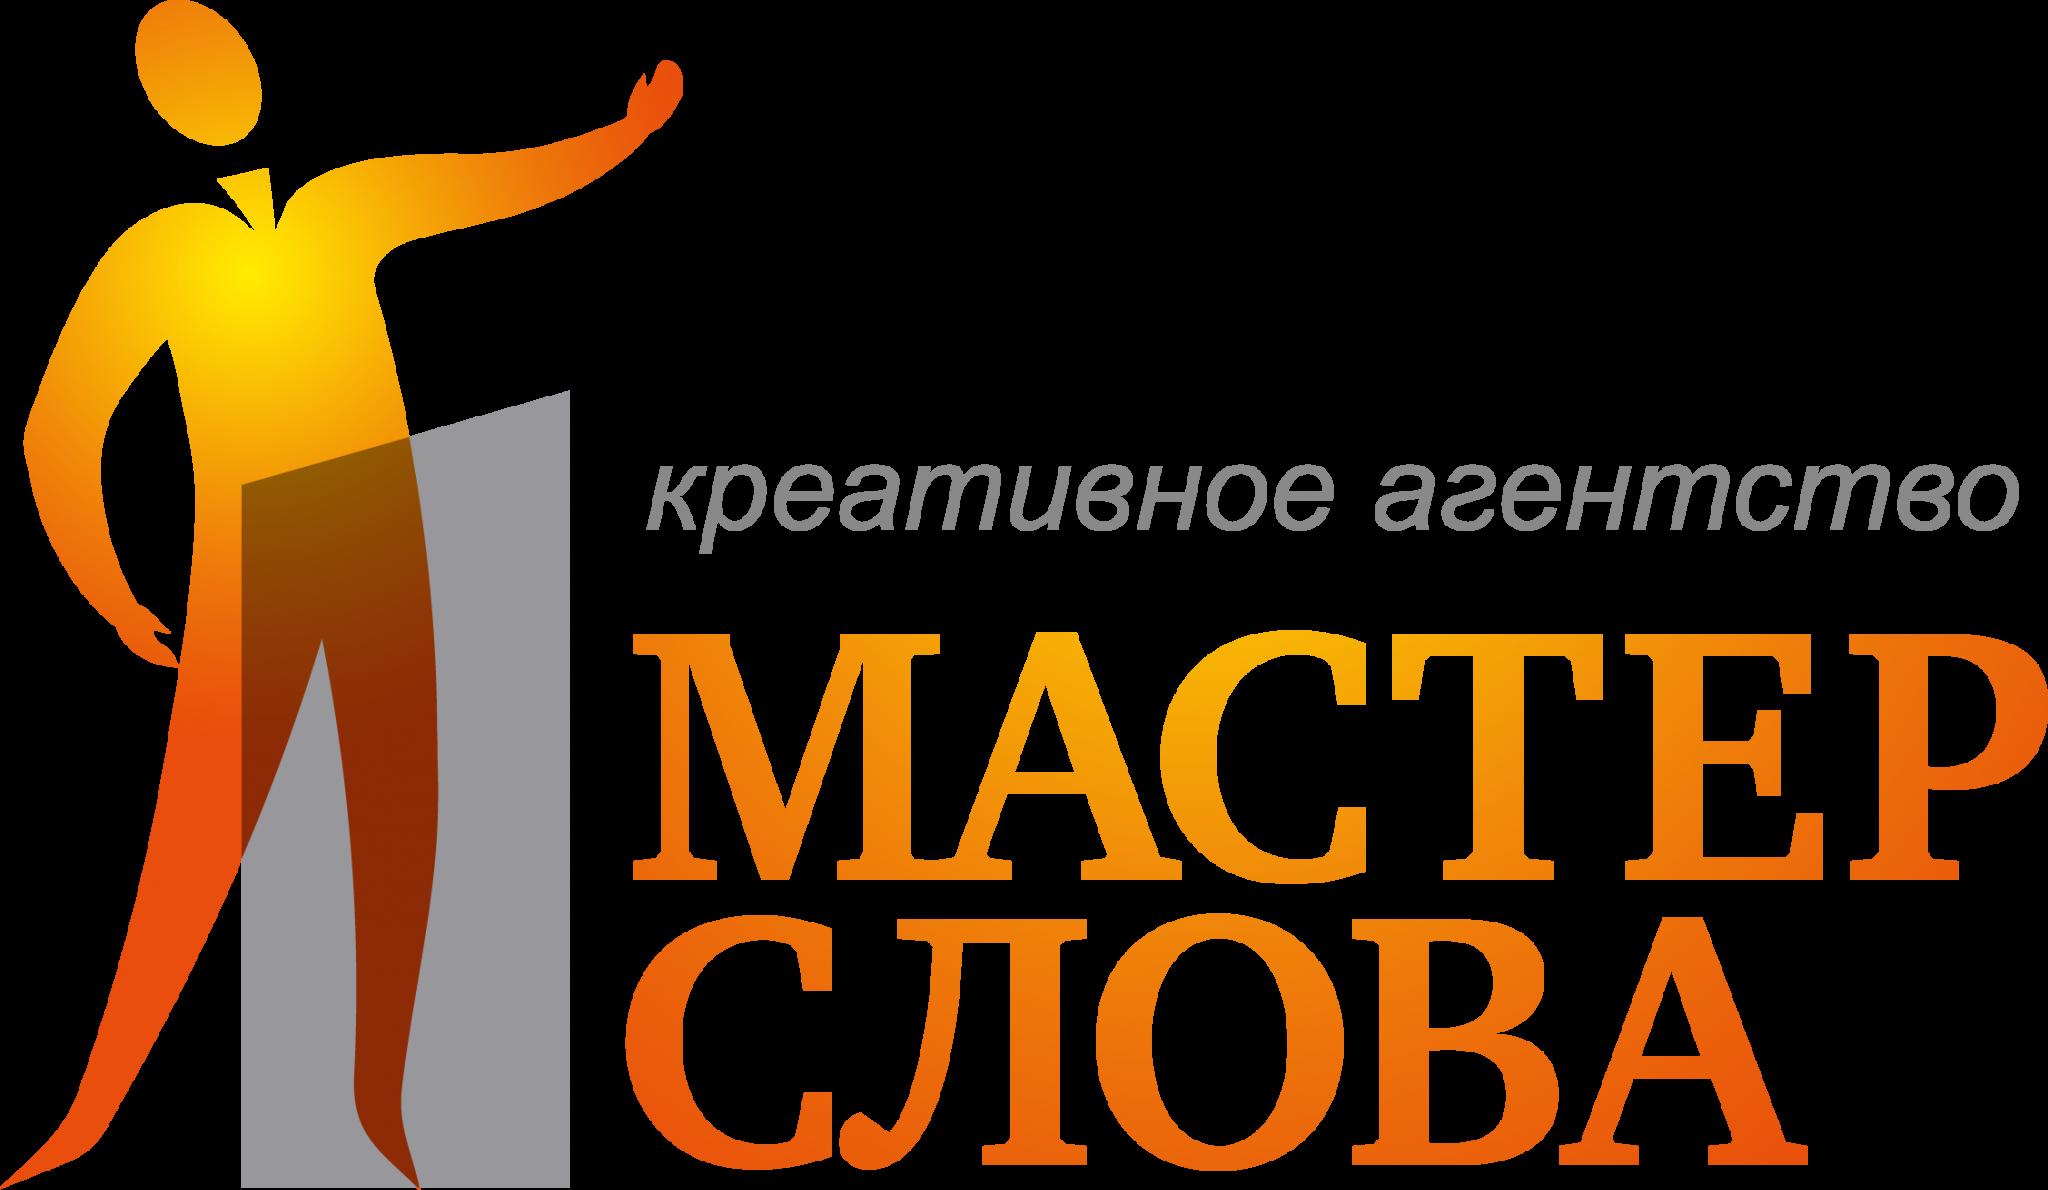 Вячеслав Богуславский